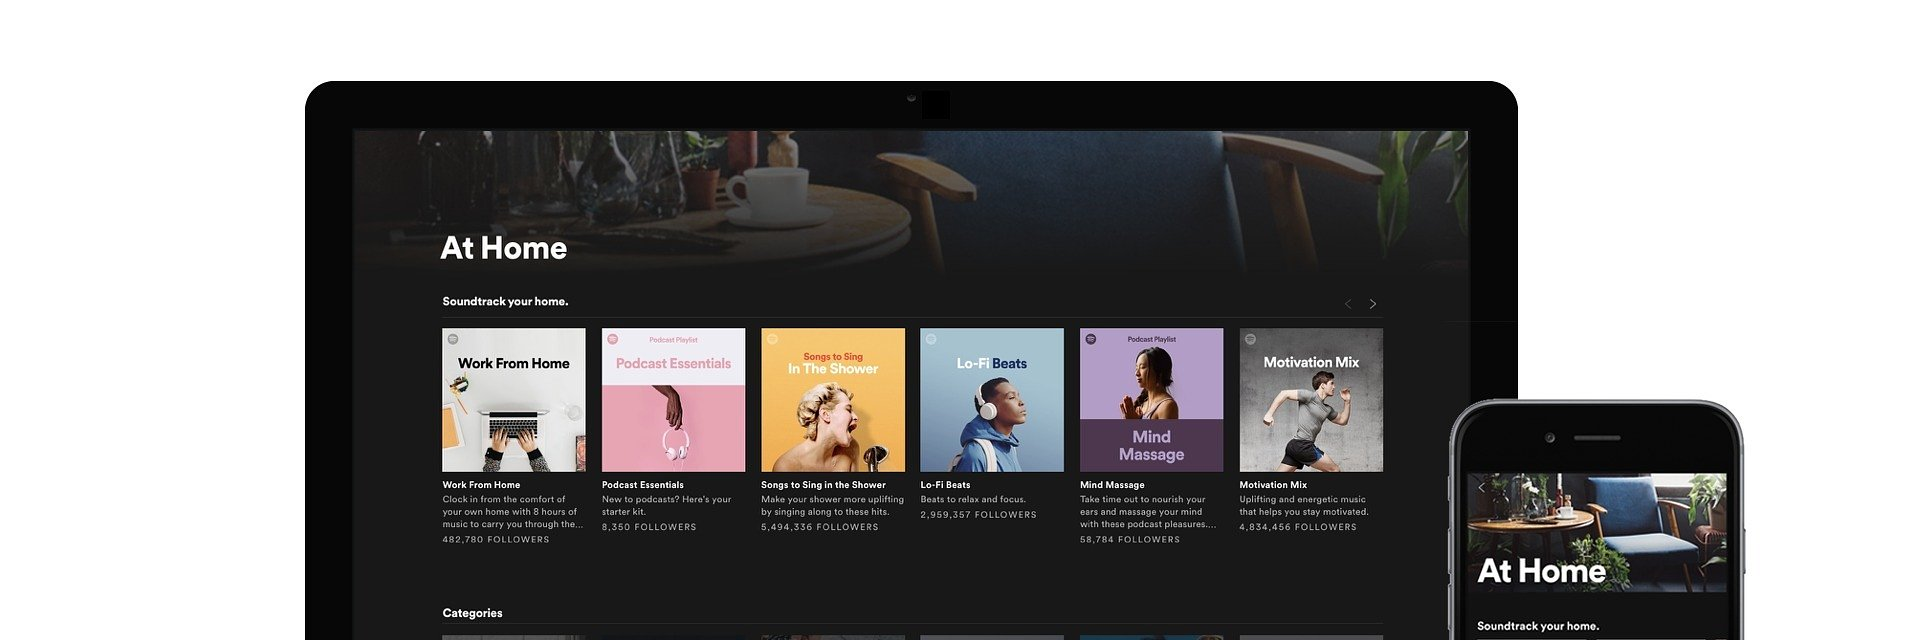 """Spotify prezentuje """"W Domu"""" - nową zakładkę z najpopularniejszymi playlistami"""